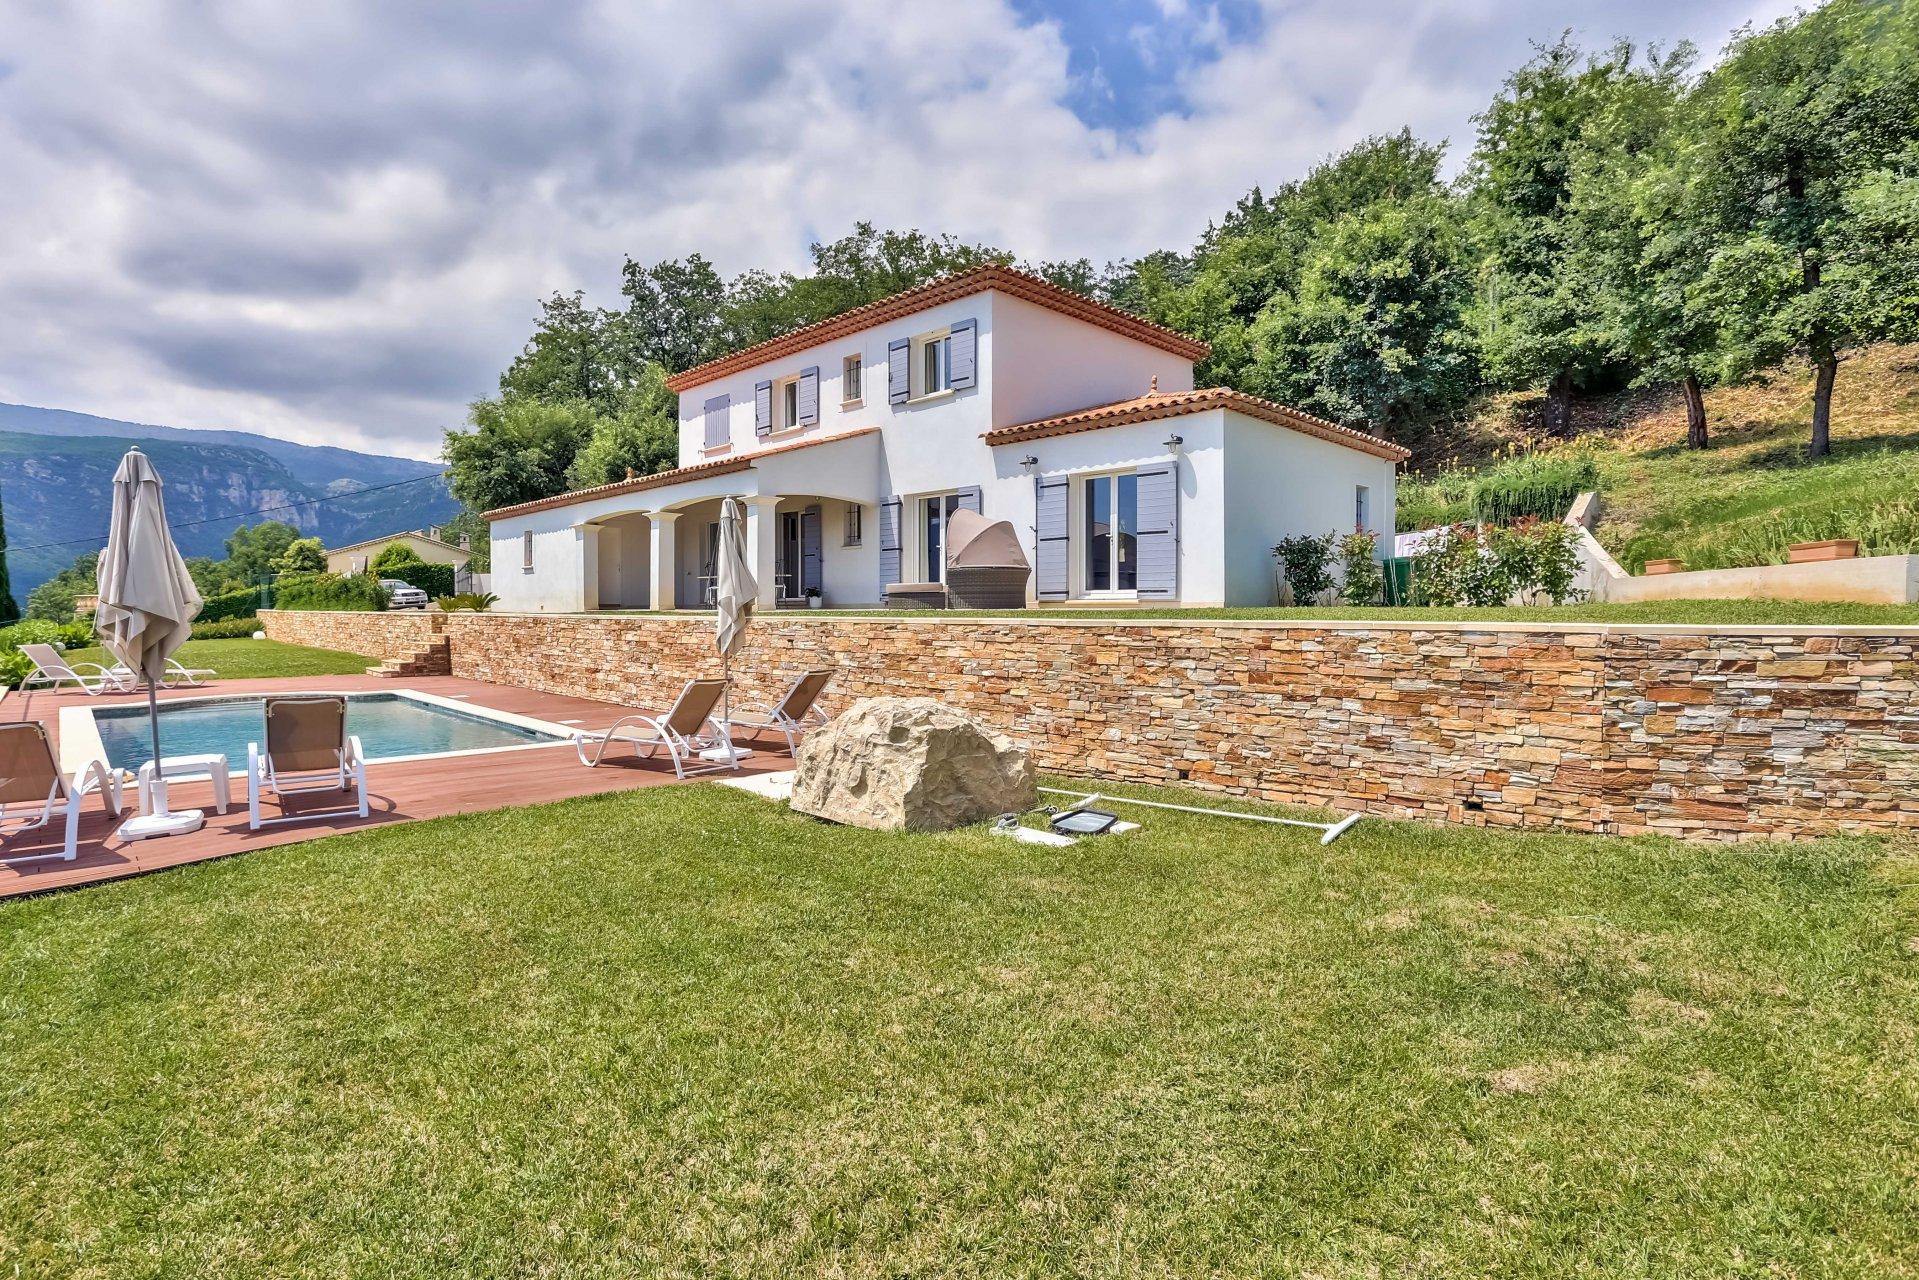 A vendre magnifique villa récente - vue panoramique